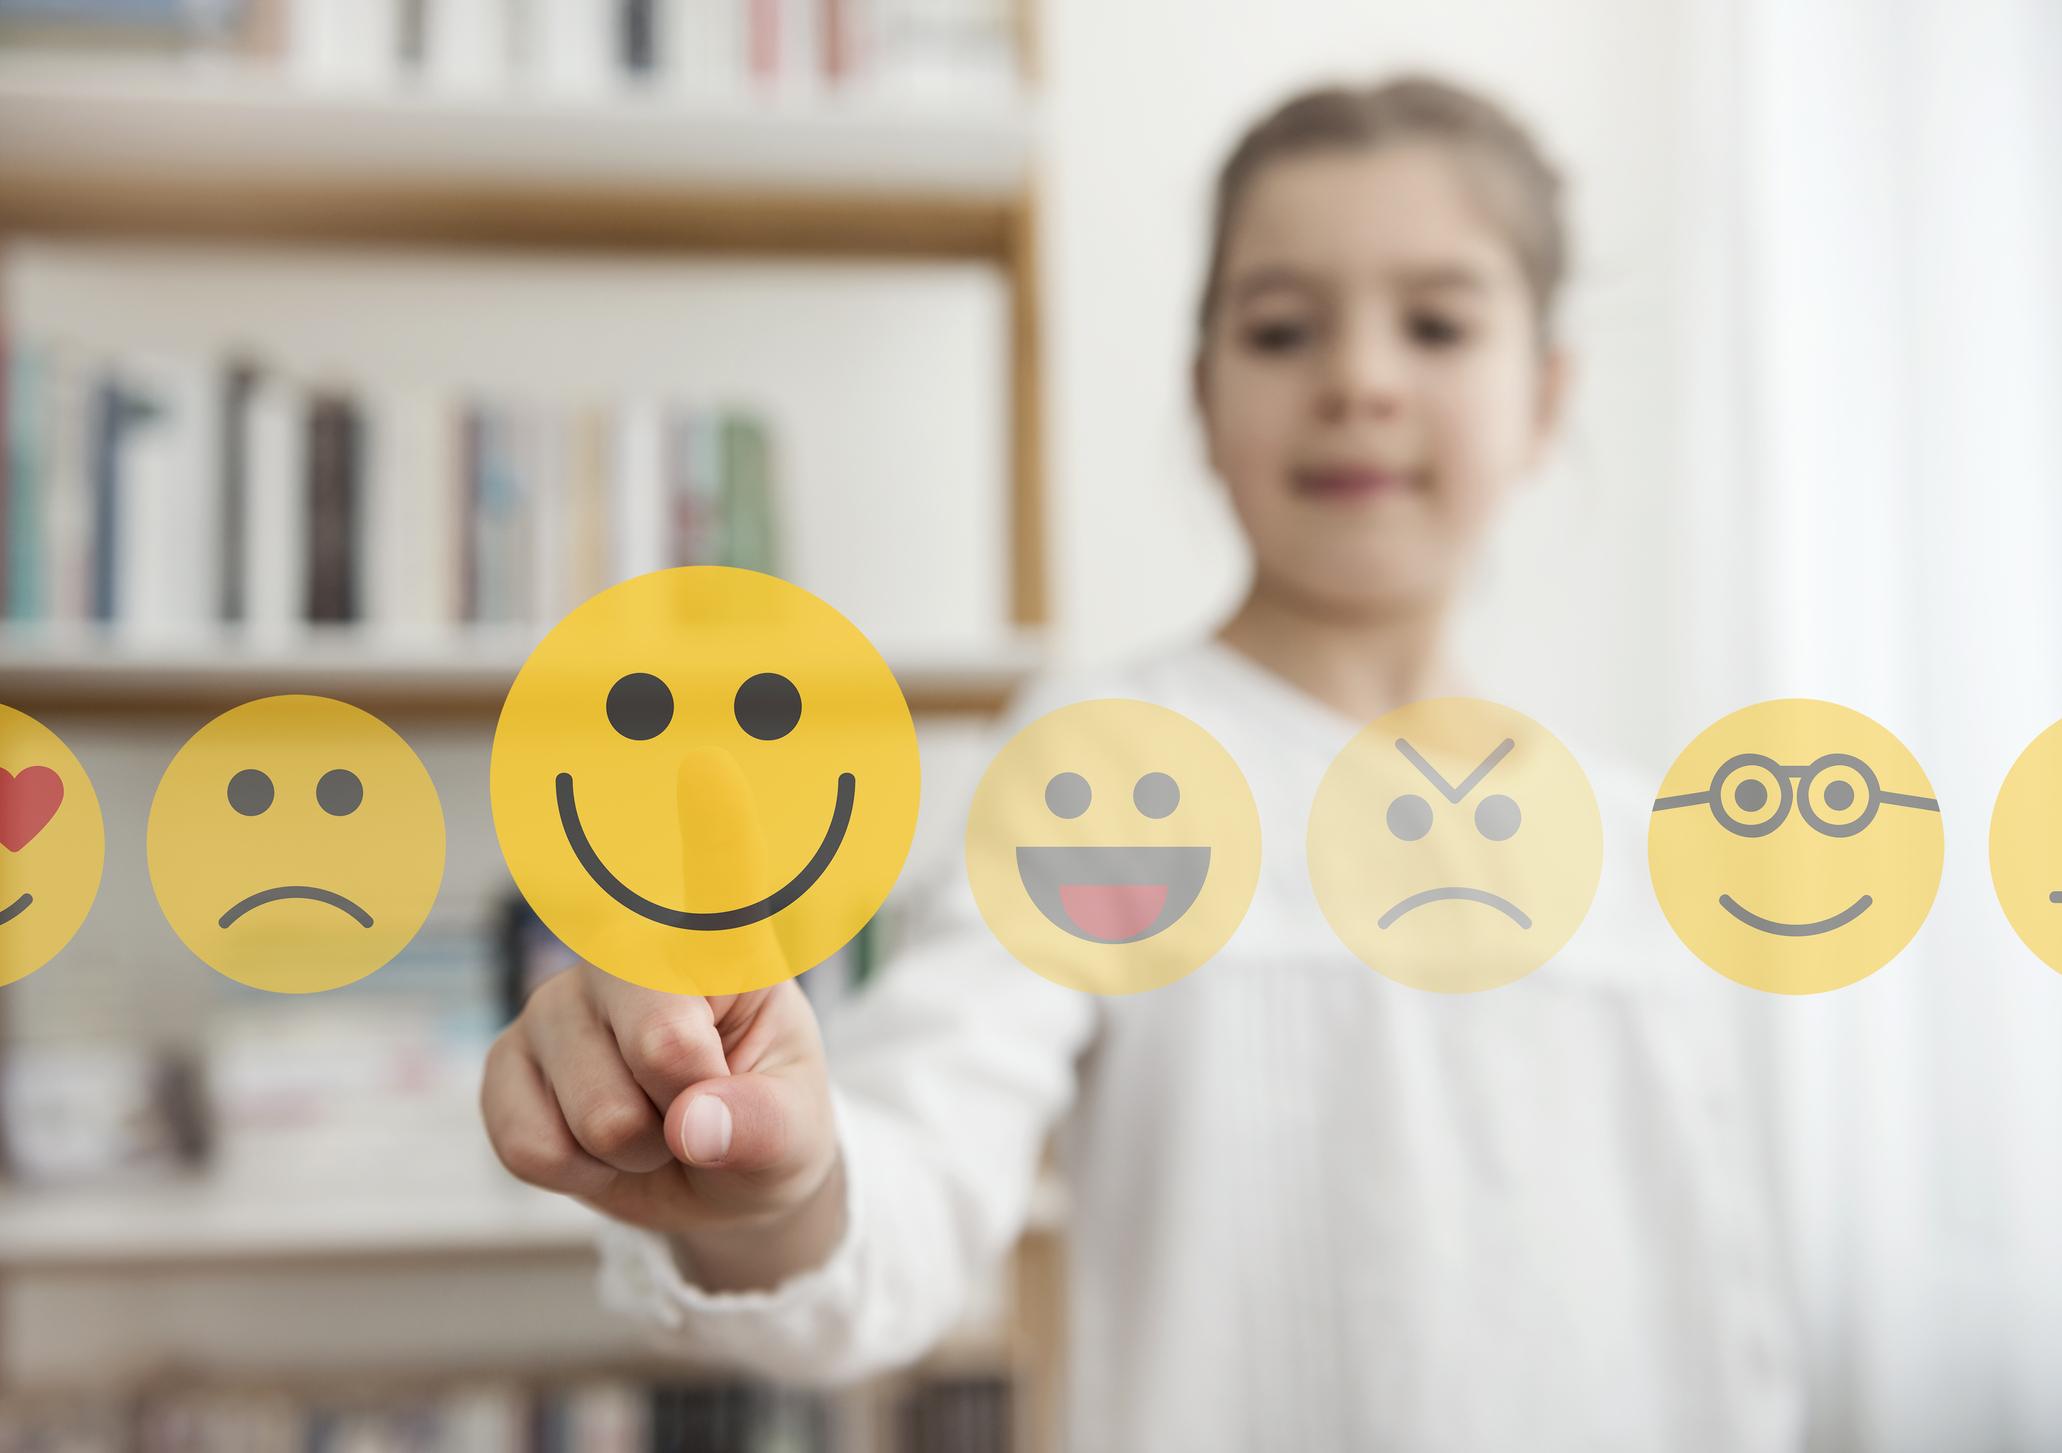 8 emotions